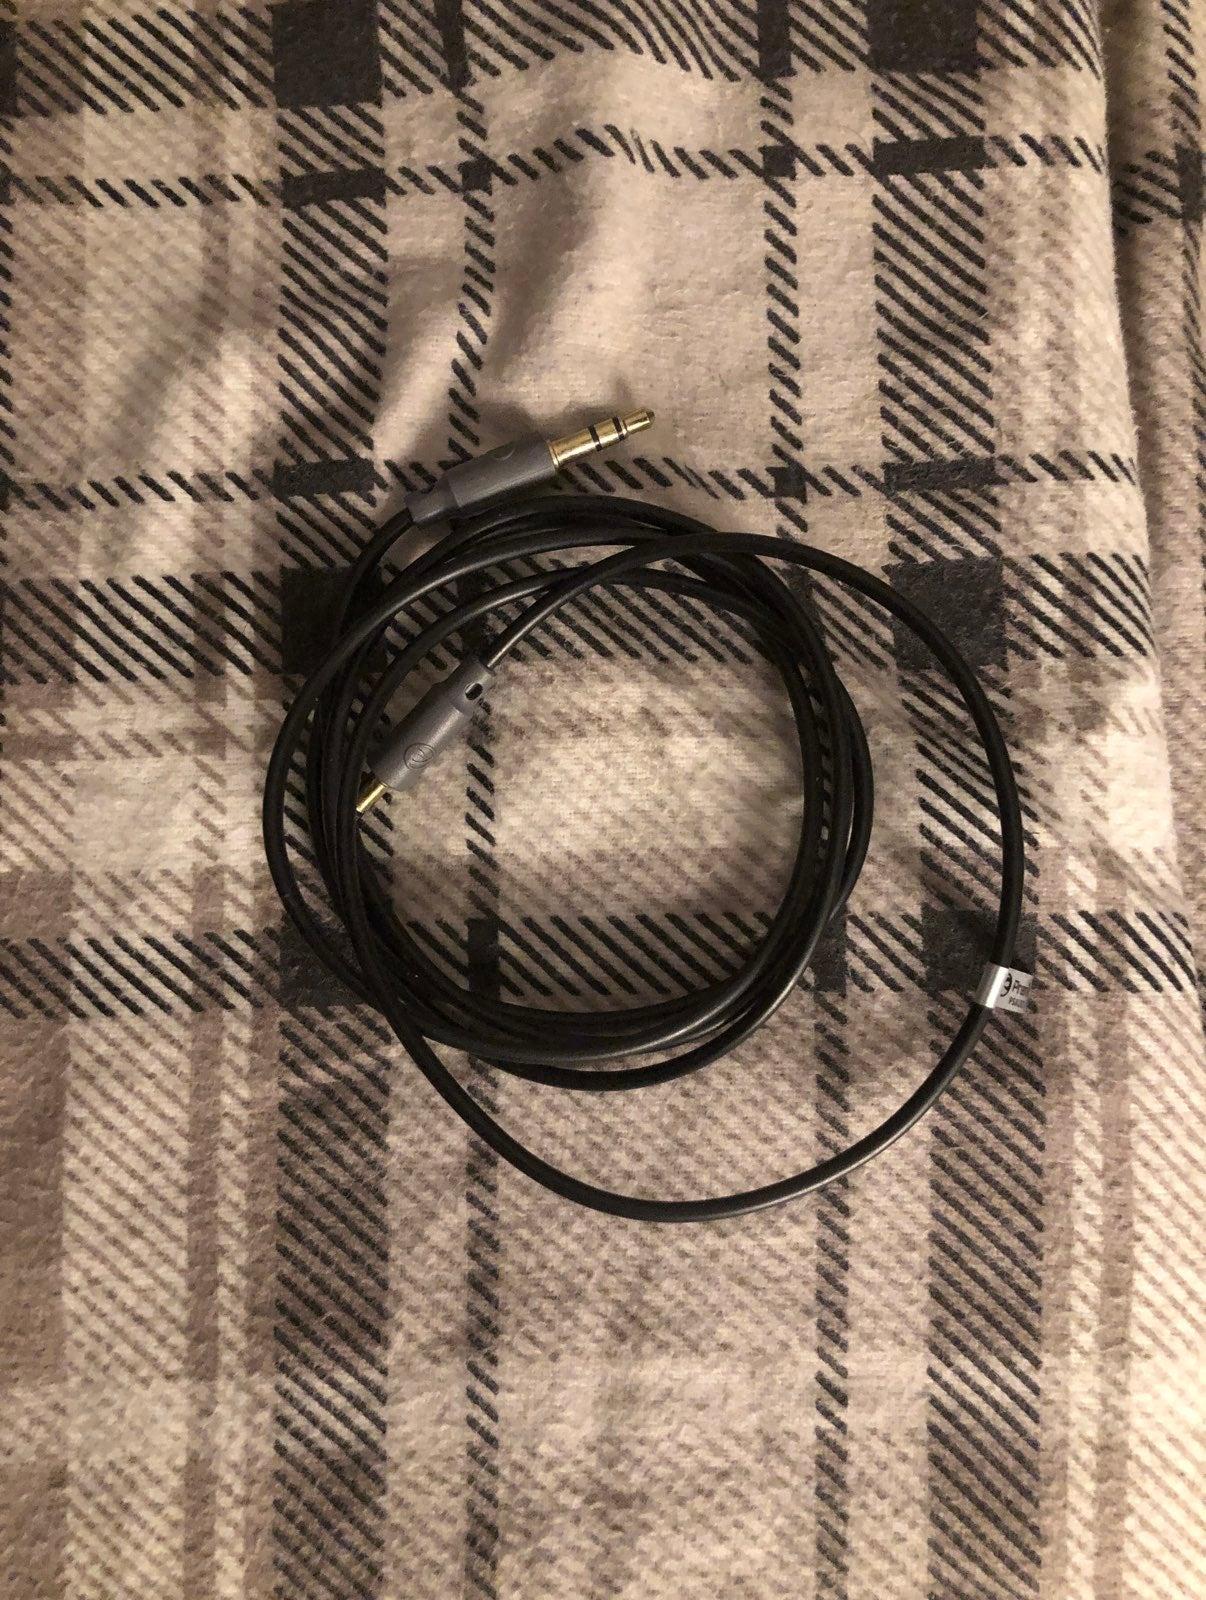 Premier aux cable